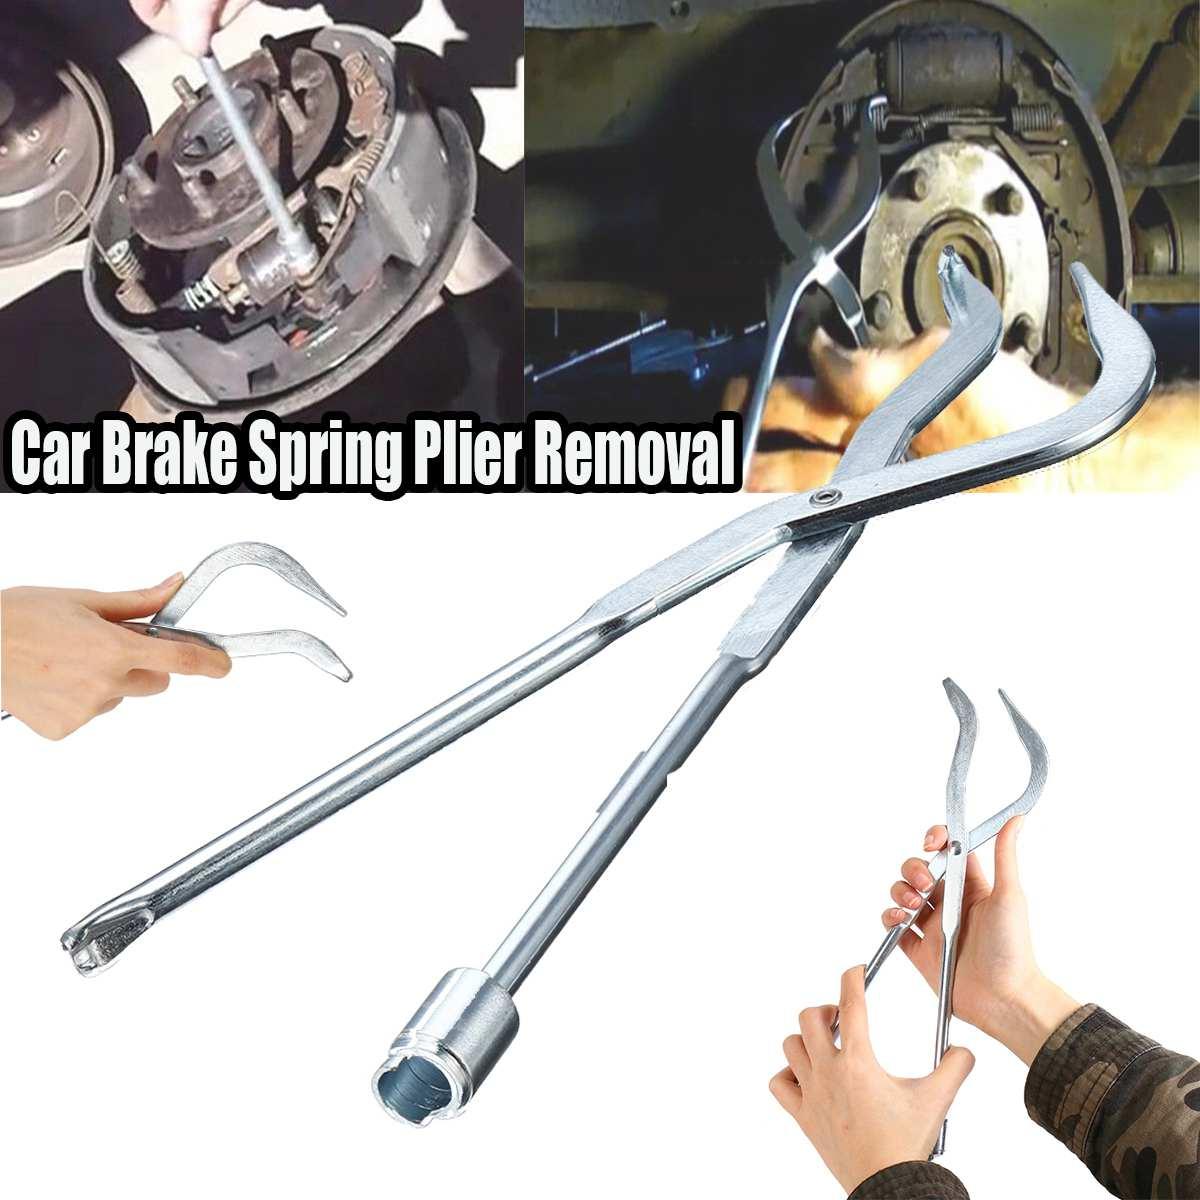 ブレーキドラムプライヤーブレーキ春プライヤーインストーラ除去車修理ハンドツール自動車ツール車の修理ブレーキシステム